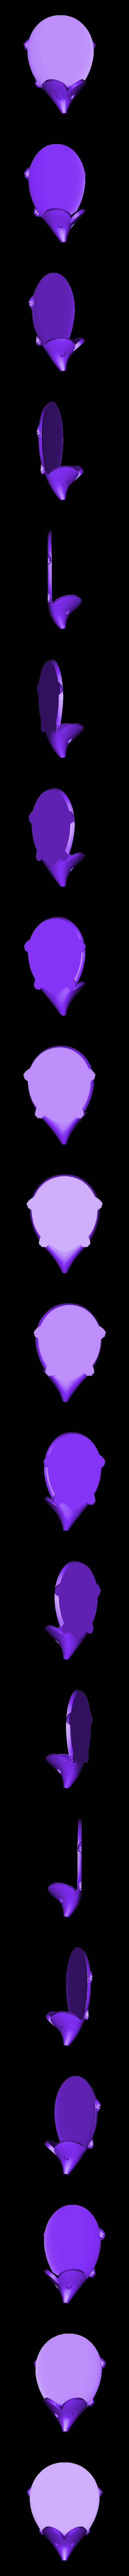 Face_Flesh.stl Télécharger fichier STL gratuit Porte-stylo Hérisson Multi-Couleurs Hérisson • Modèle pour impression 3D, MosaicManufacturing